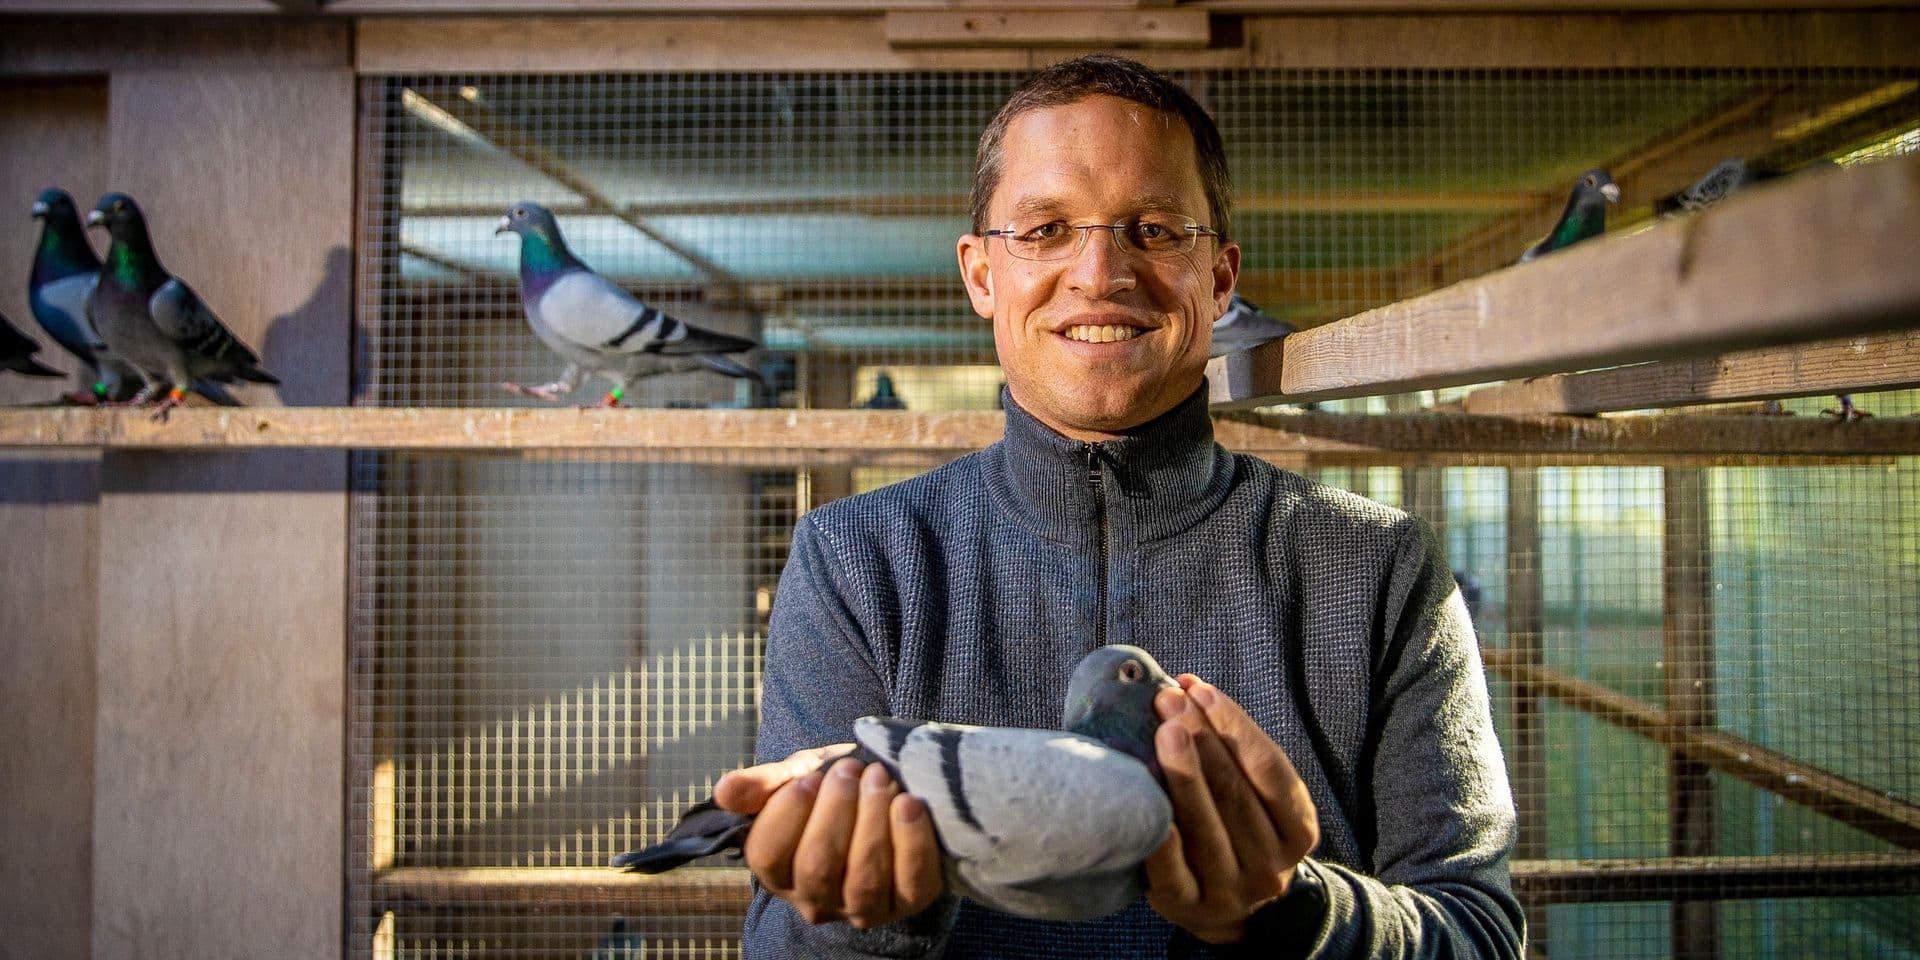 Il n'y avait pas que New Kim: les 445 pigeons ont rapporté 10 000 000 euros!